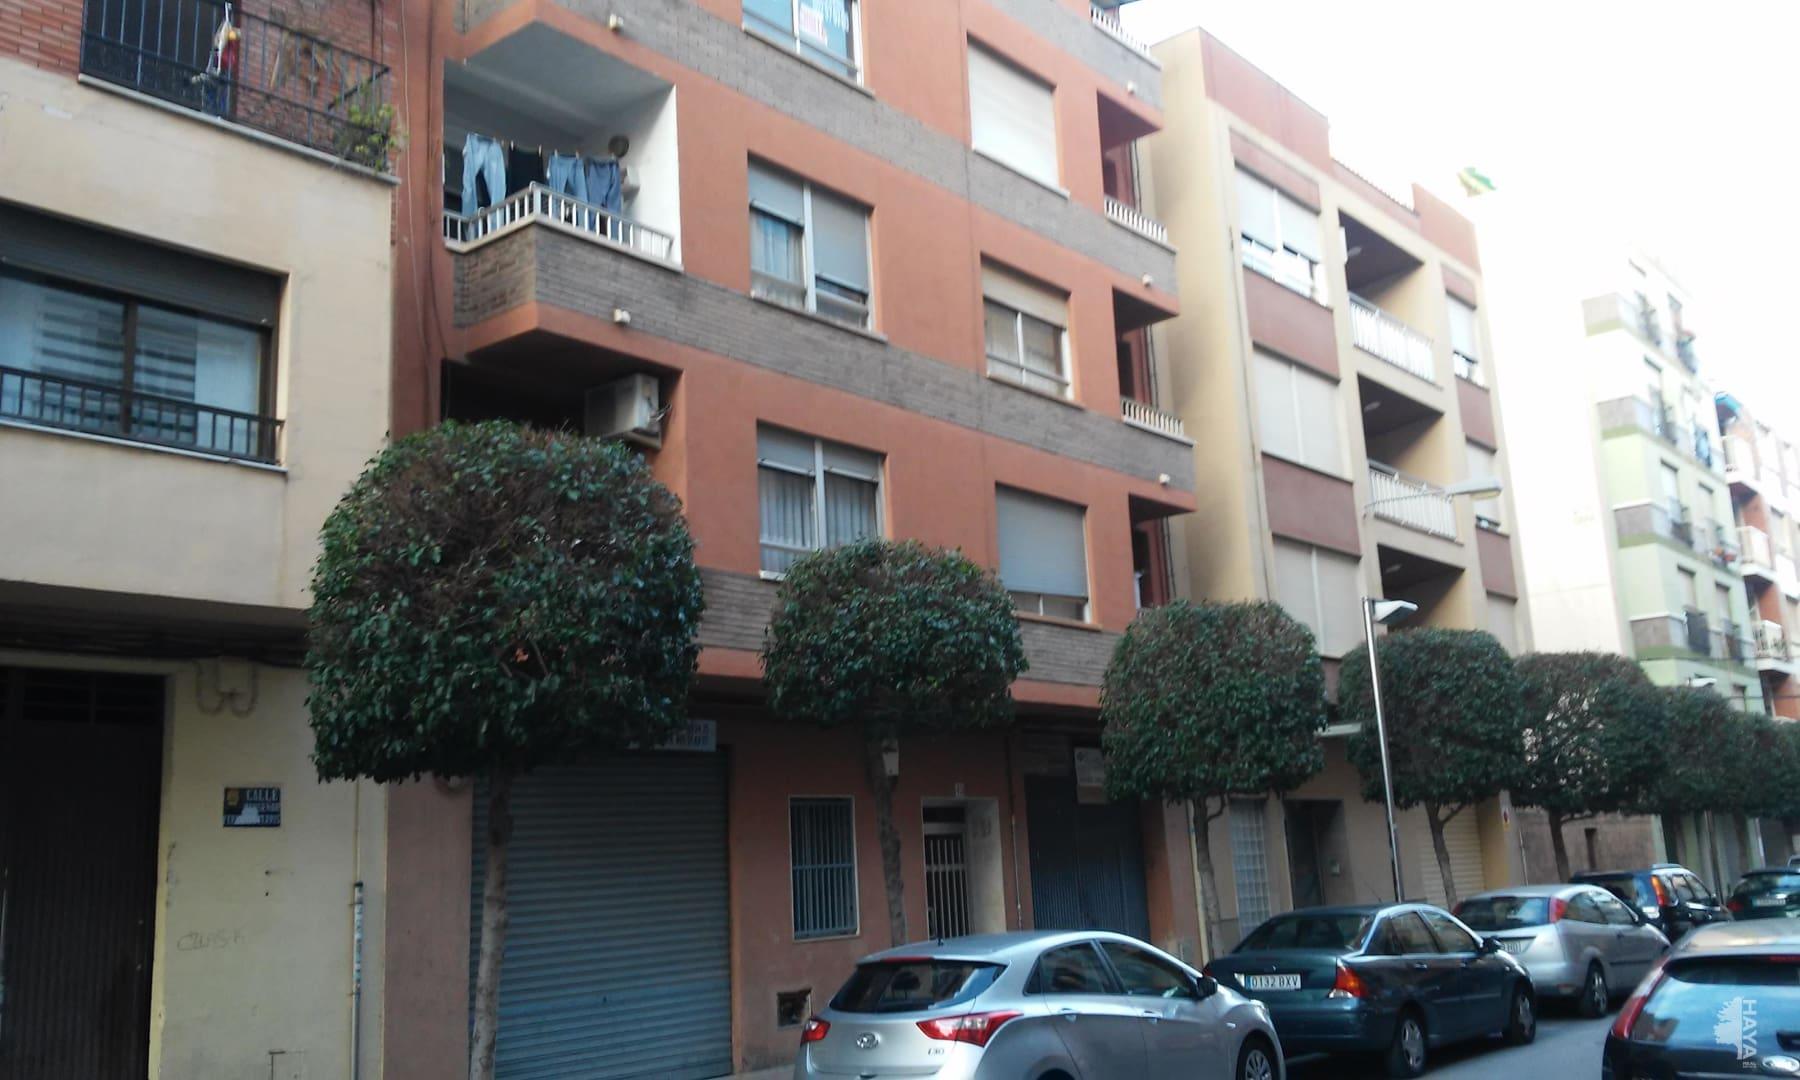 Piso en venta en Onda, Castellón, Calle Monseñor Fernando Ferris, 80.000 €, 5 habitaciones, 2 baños, 154 m2